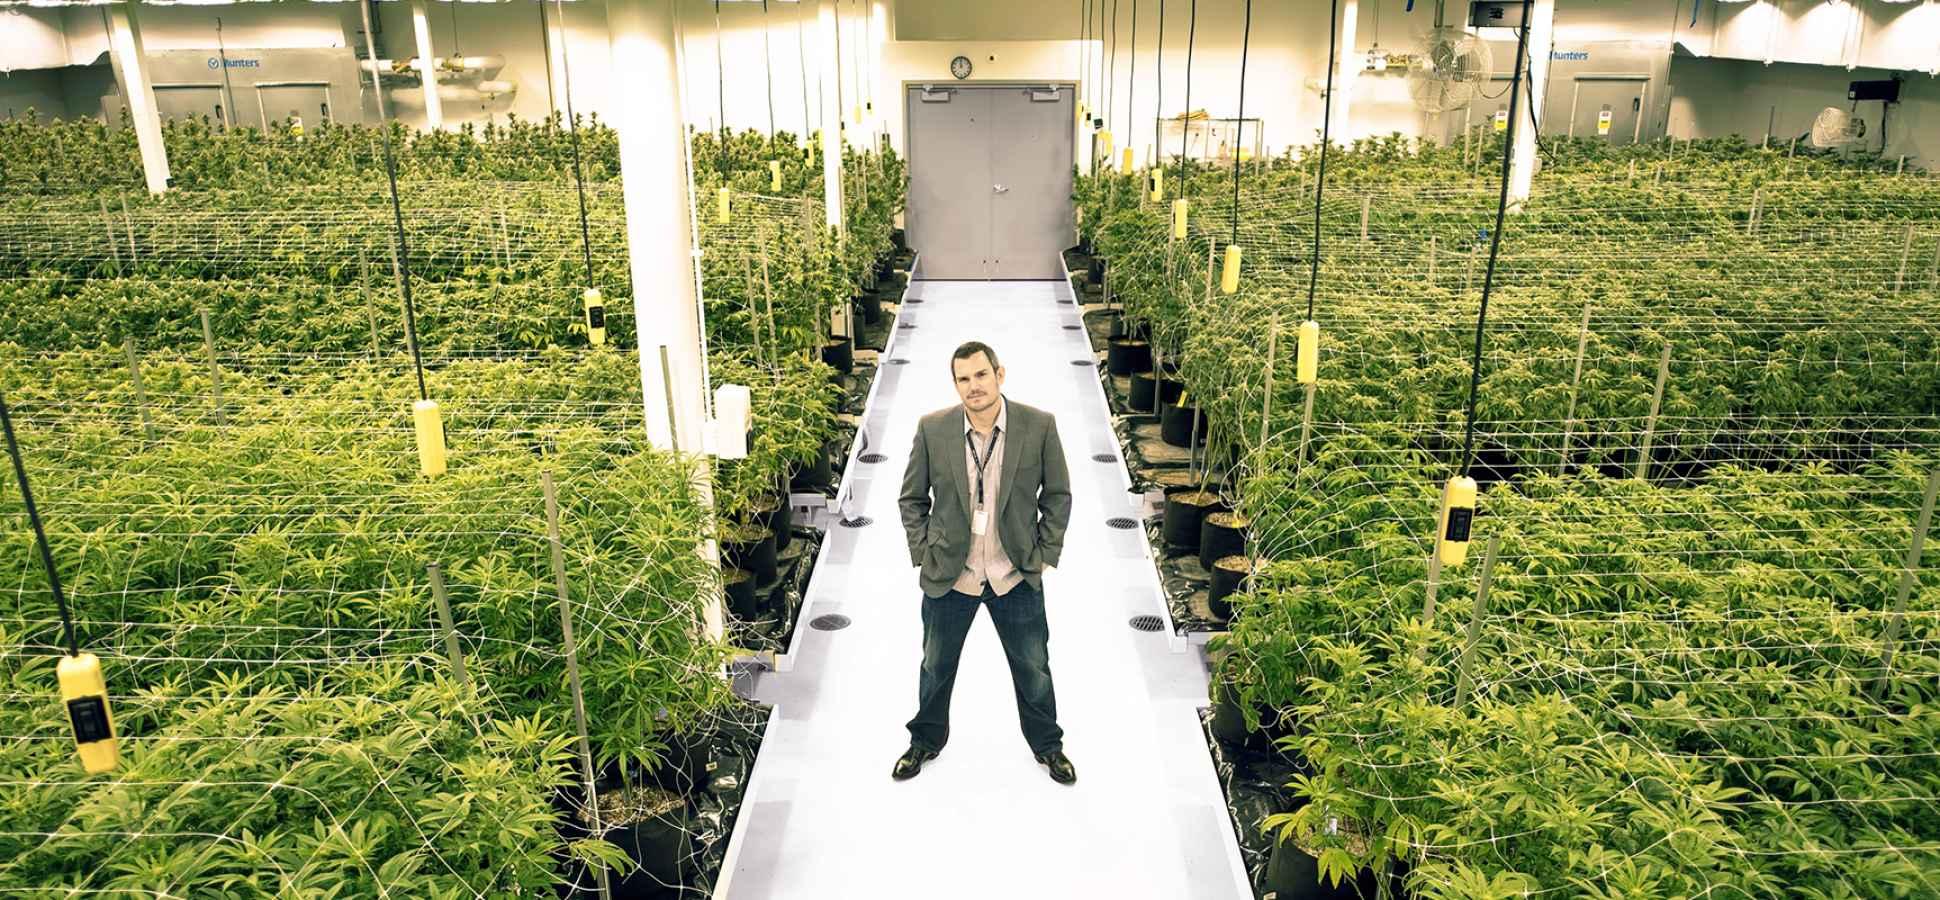 Marijuana Moguls: 10 Entrepreneurs Own 20 Percent of Denver's Pot Shops